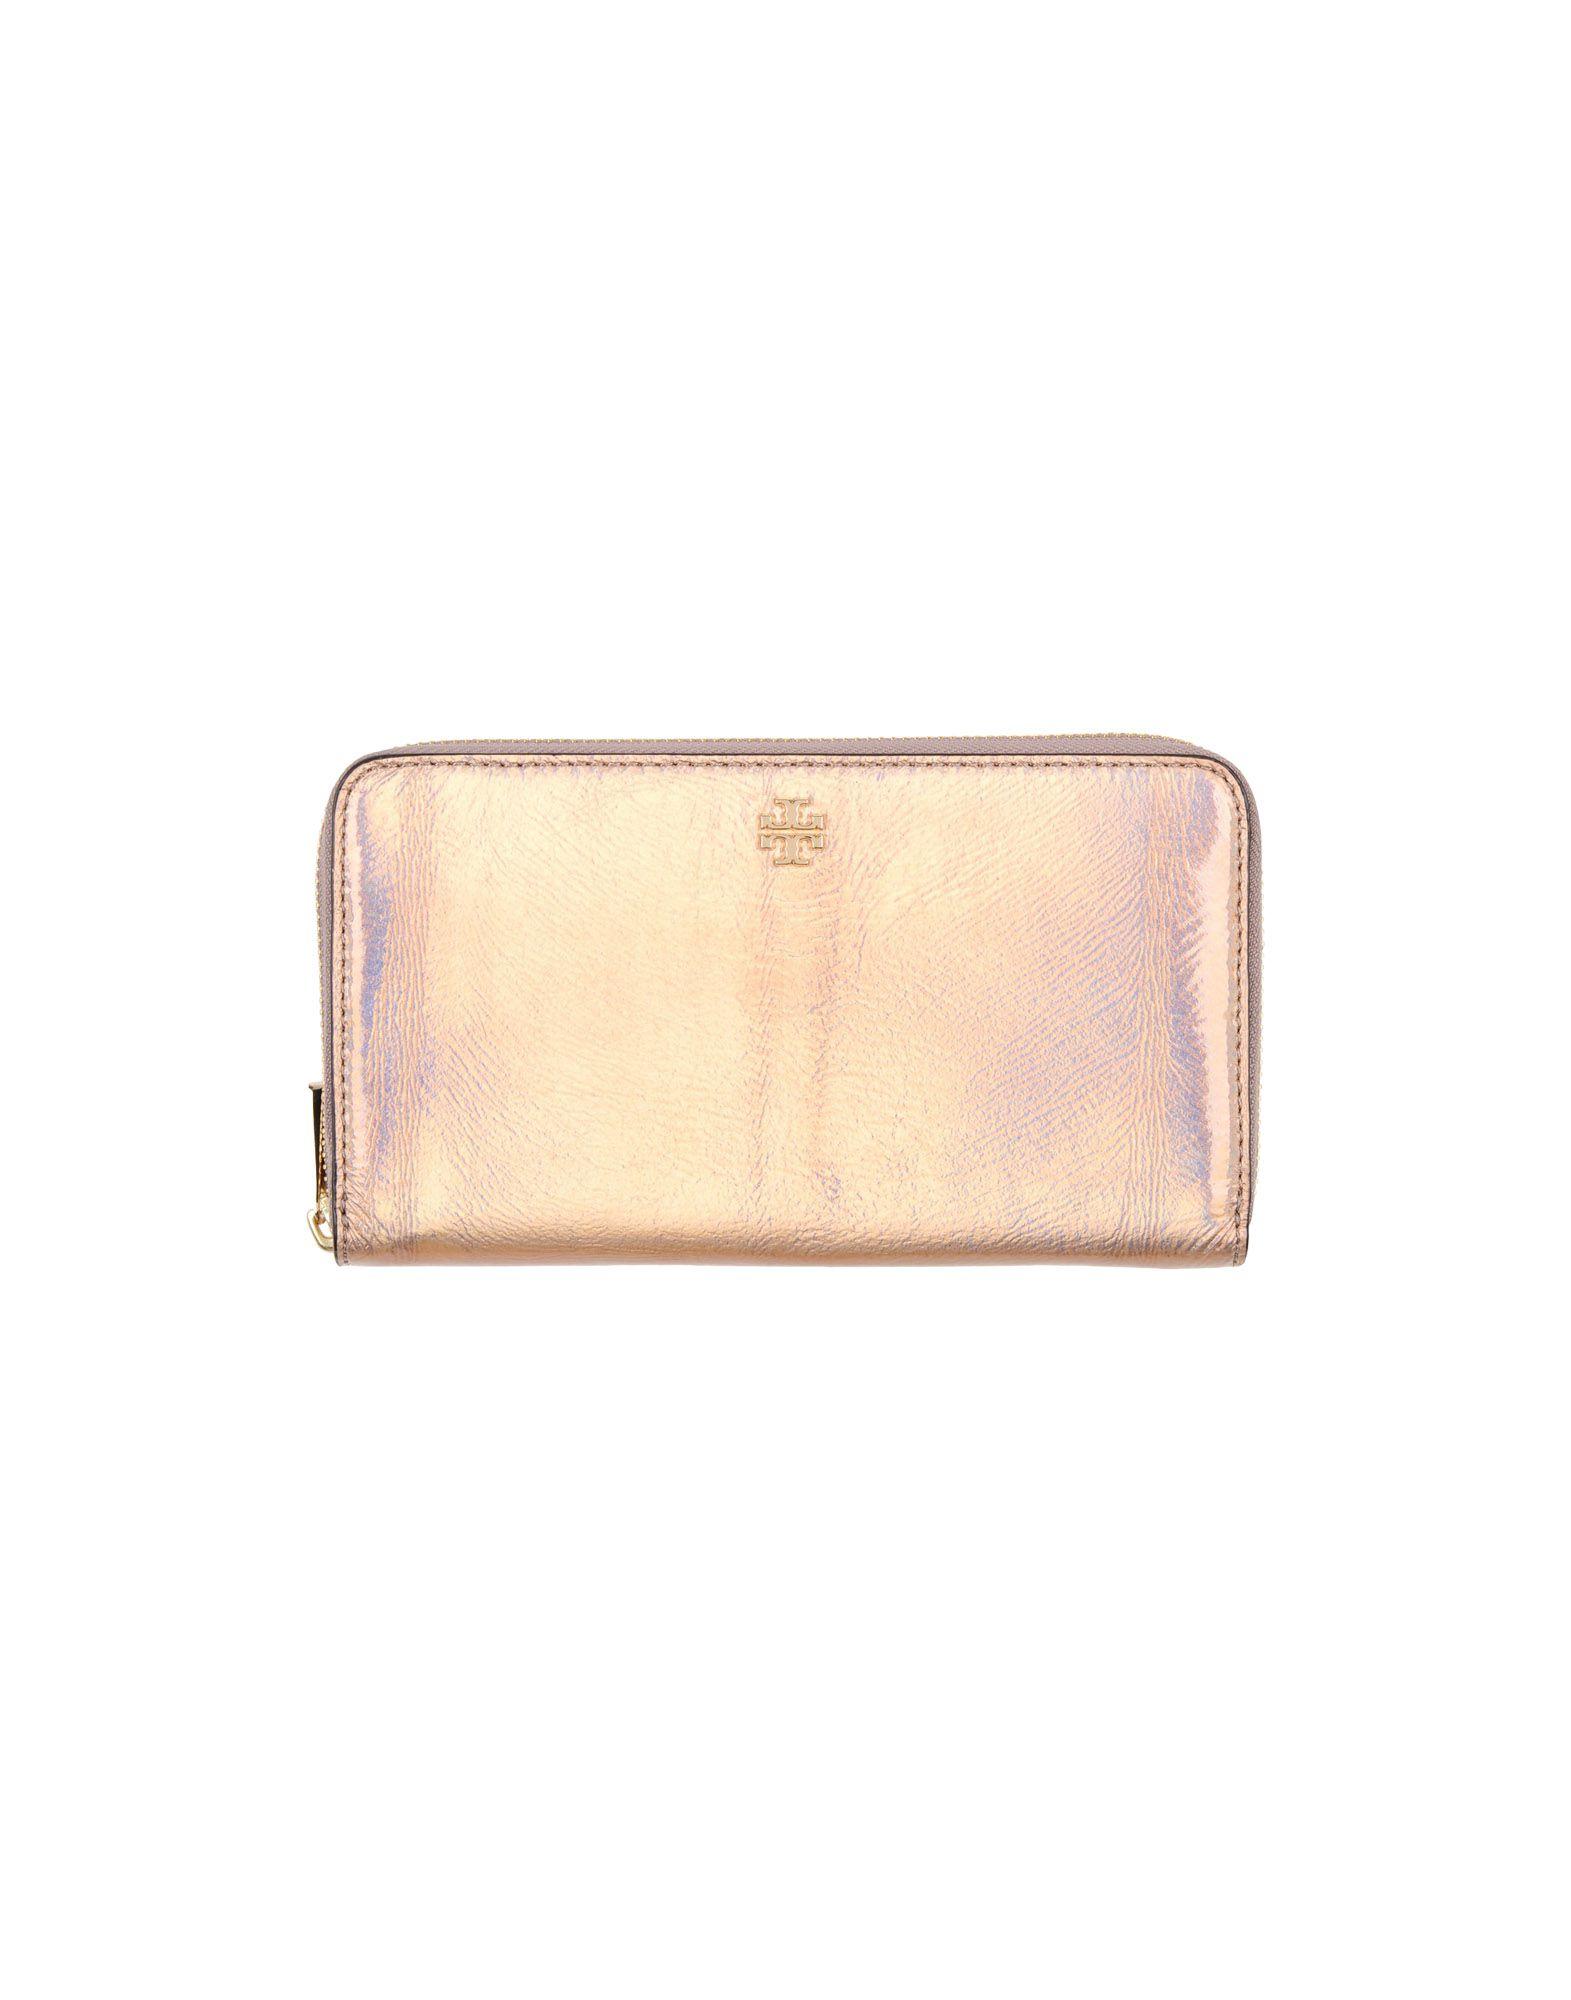 《送料無料》TORY BURCH レディース 財布 ピンク 革